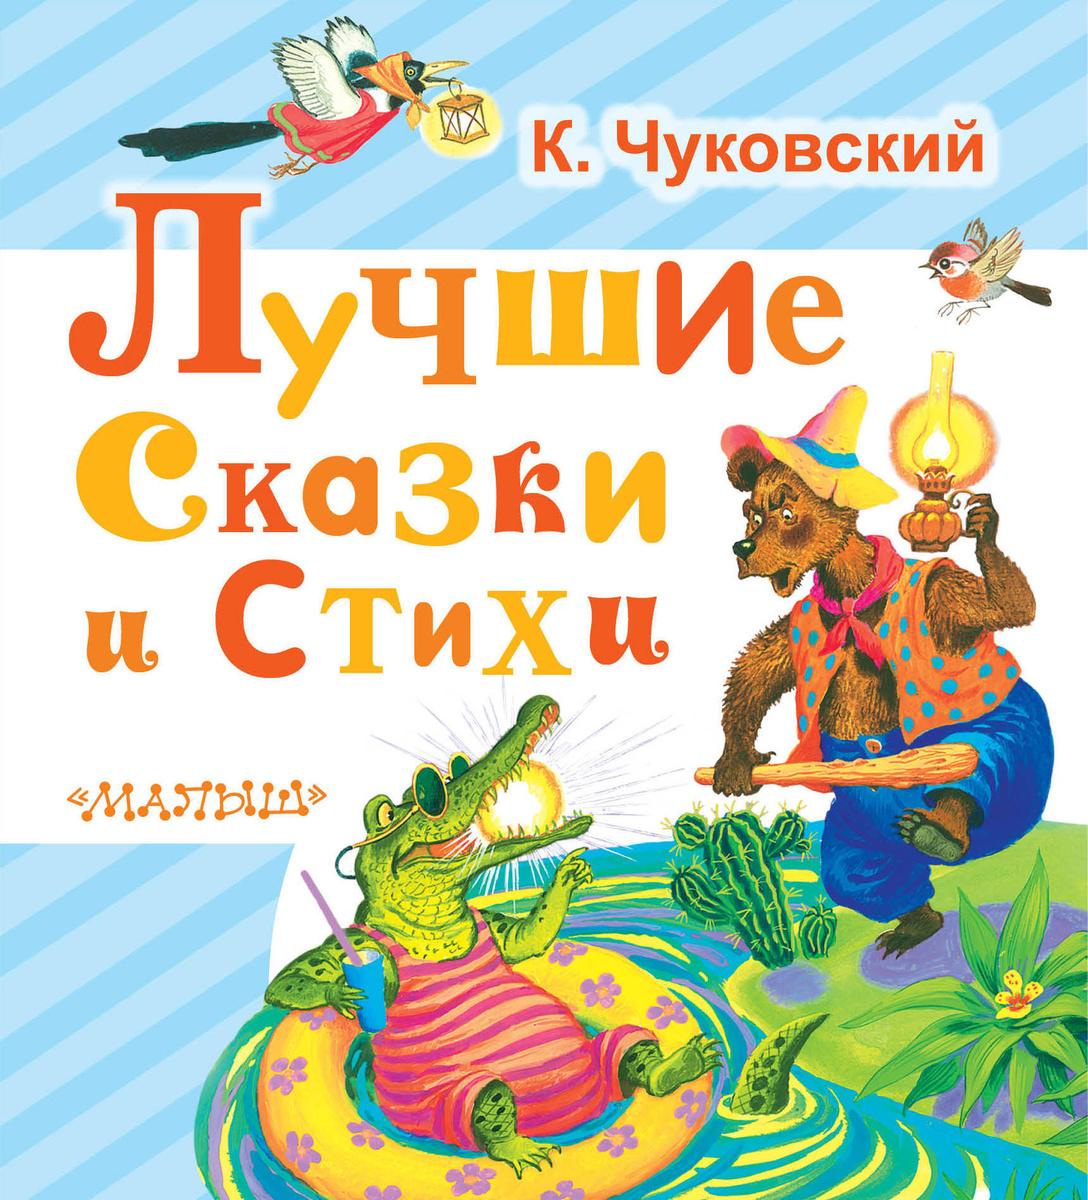 Лучшие сказки и стихи | Чуковский Корней Иванович #1